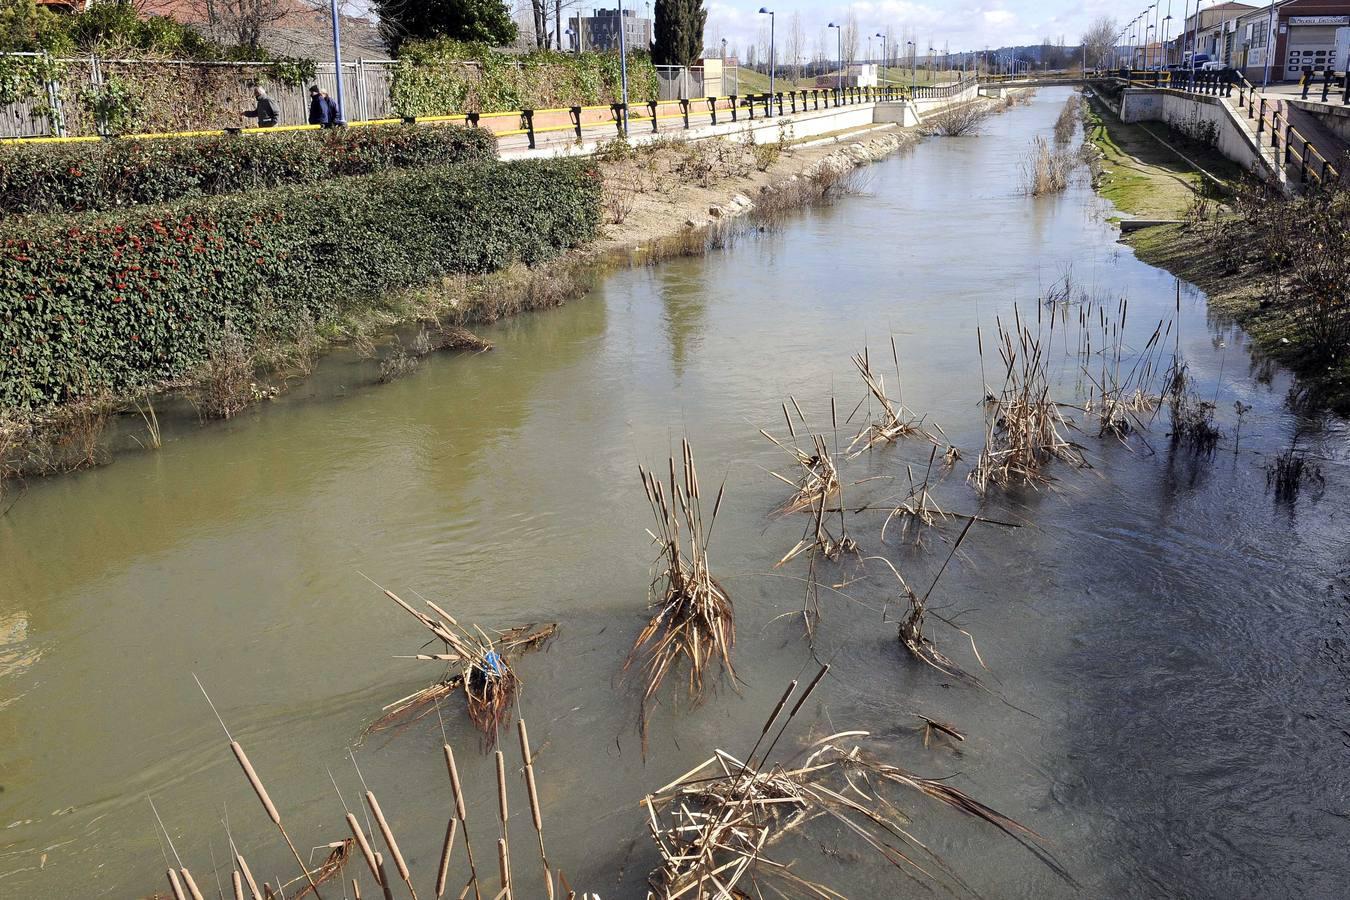 Crecida del río Esgueva a su paso por Valladolid